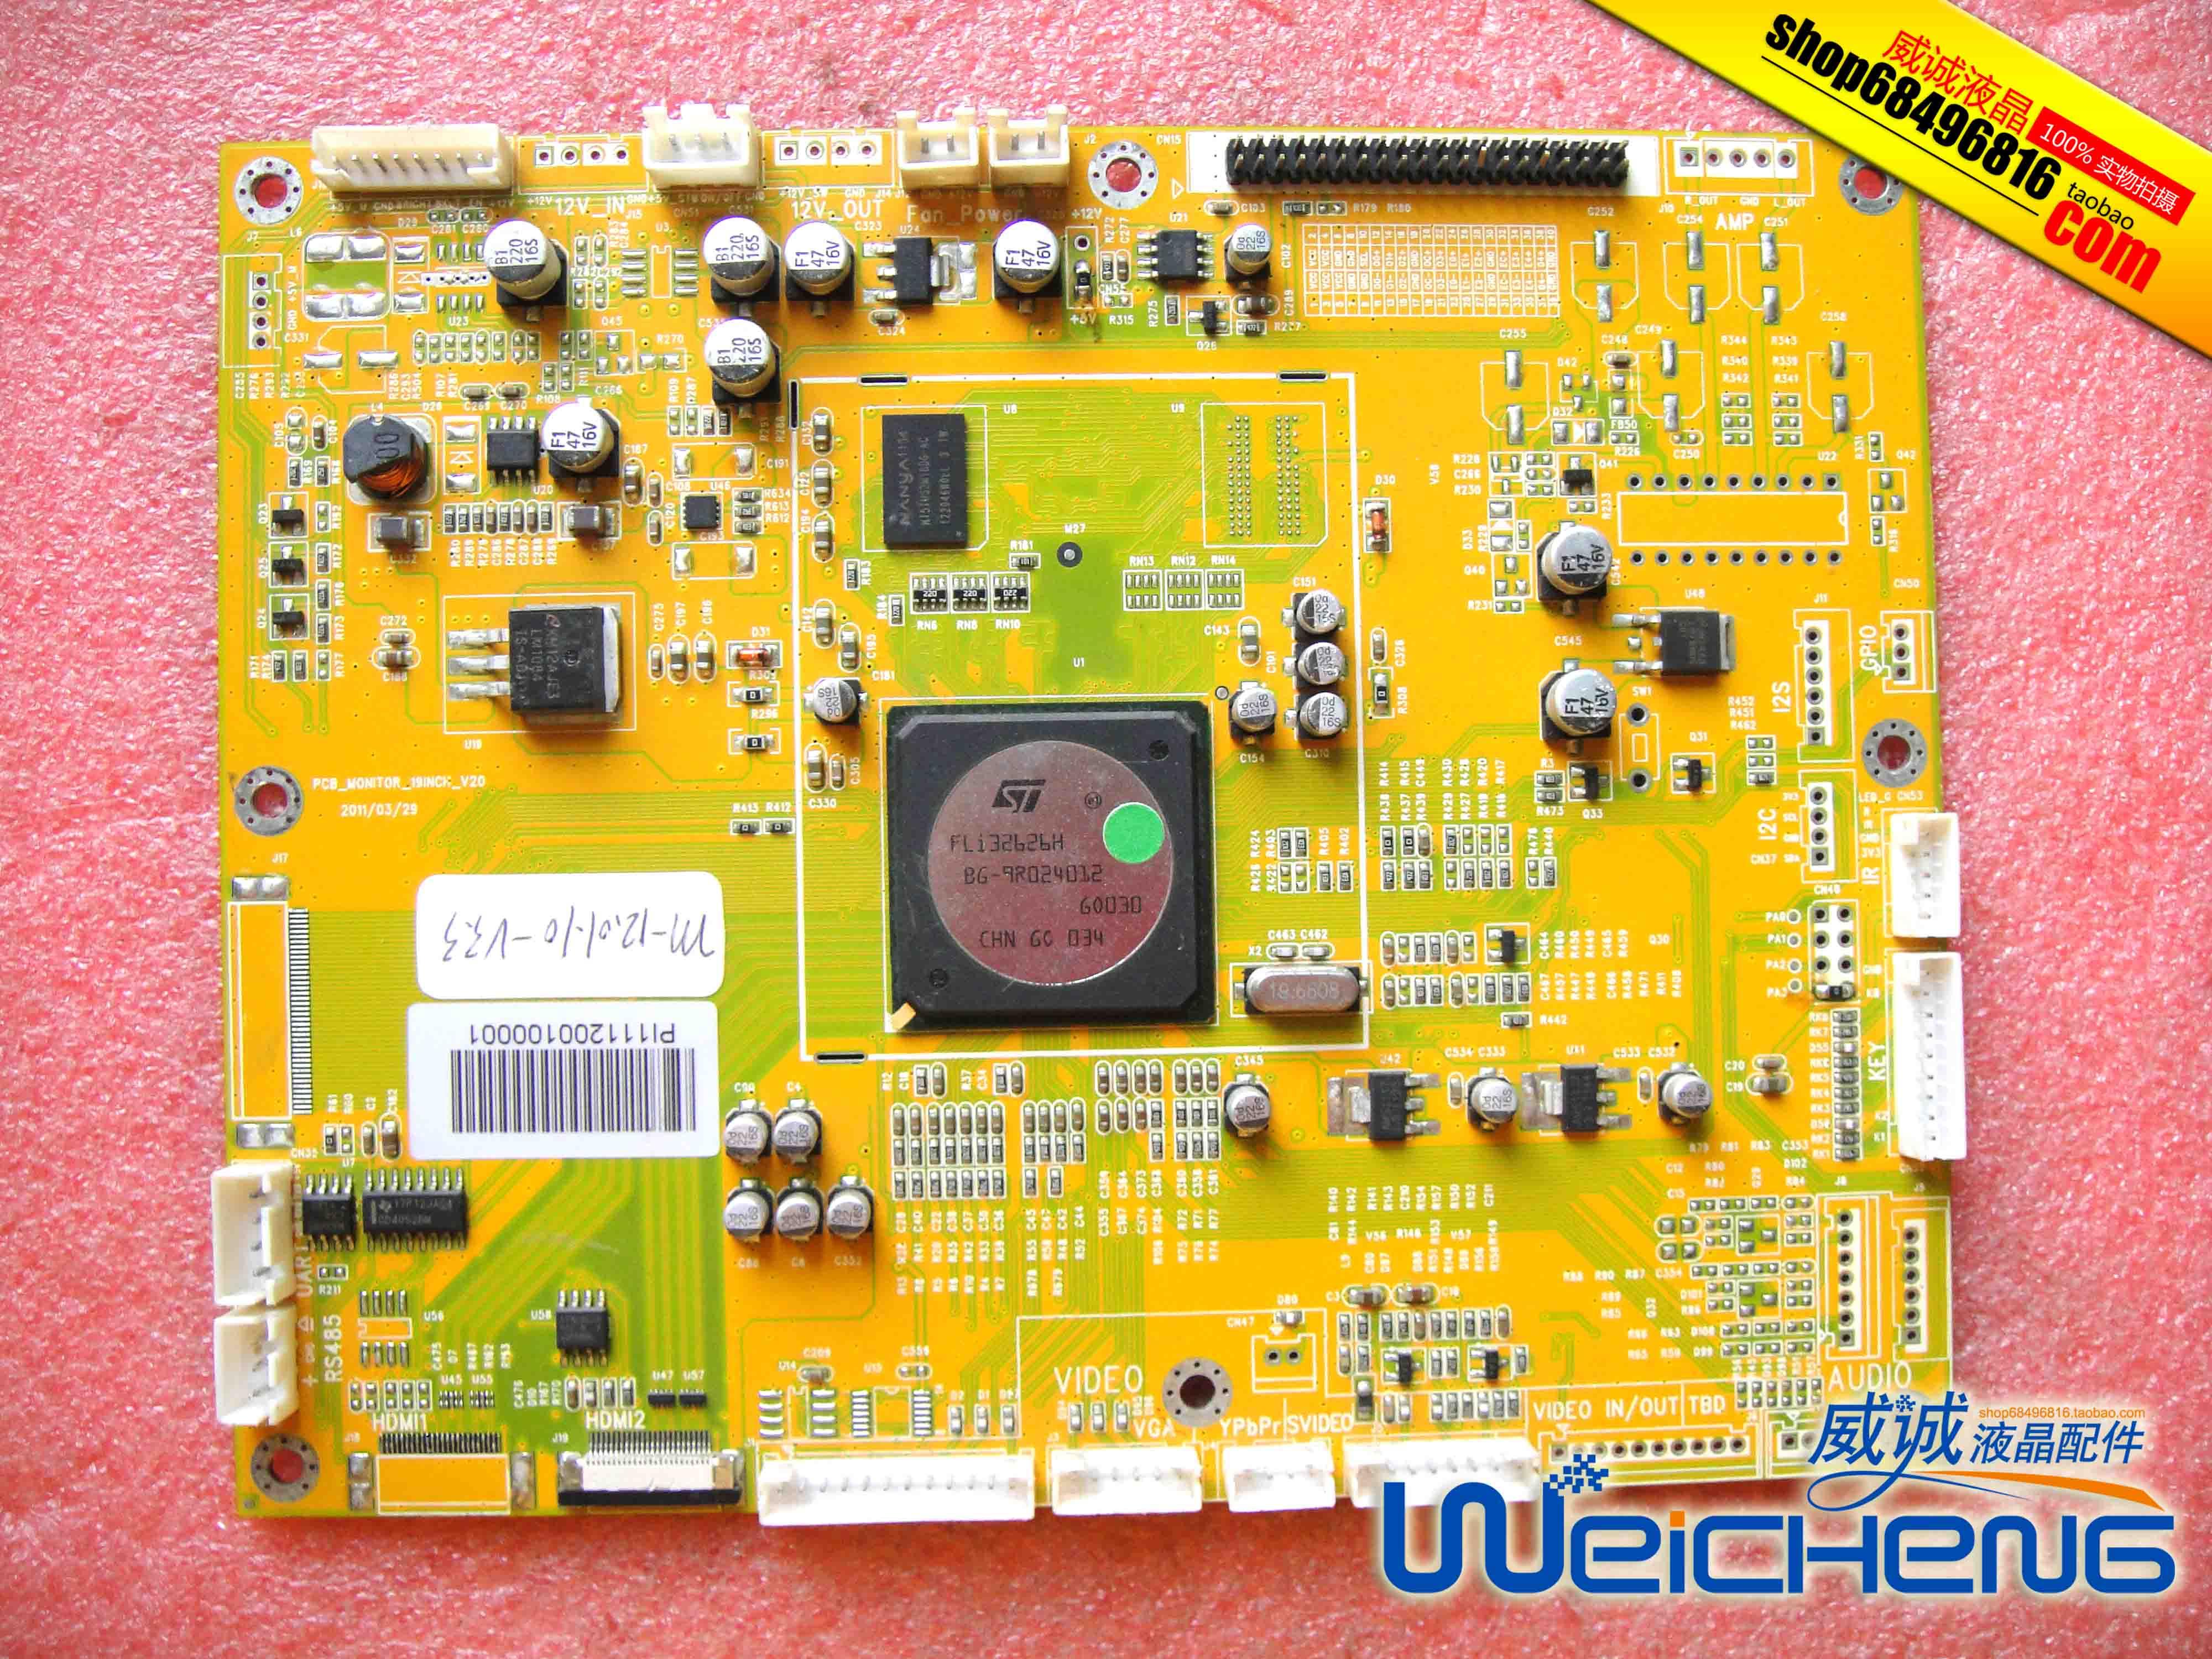 PCB_MONITOR_19INCH_V20 监控机 主板 驱动板